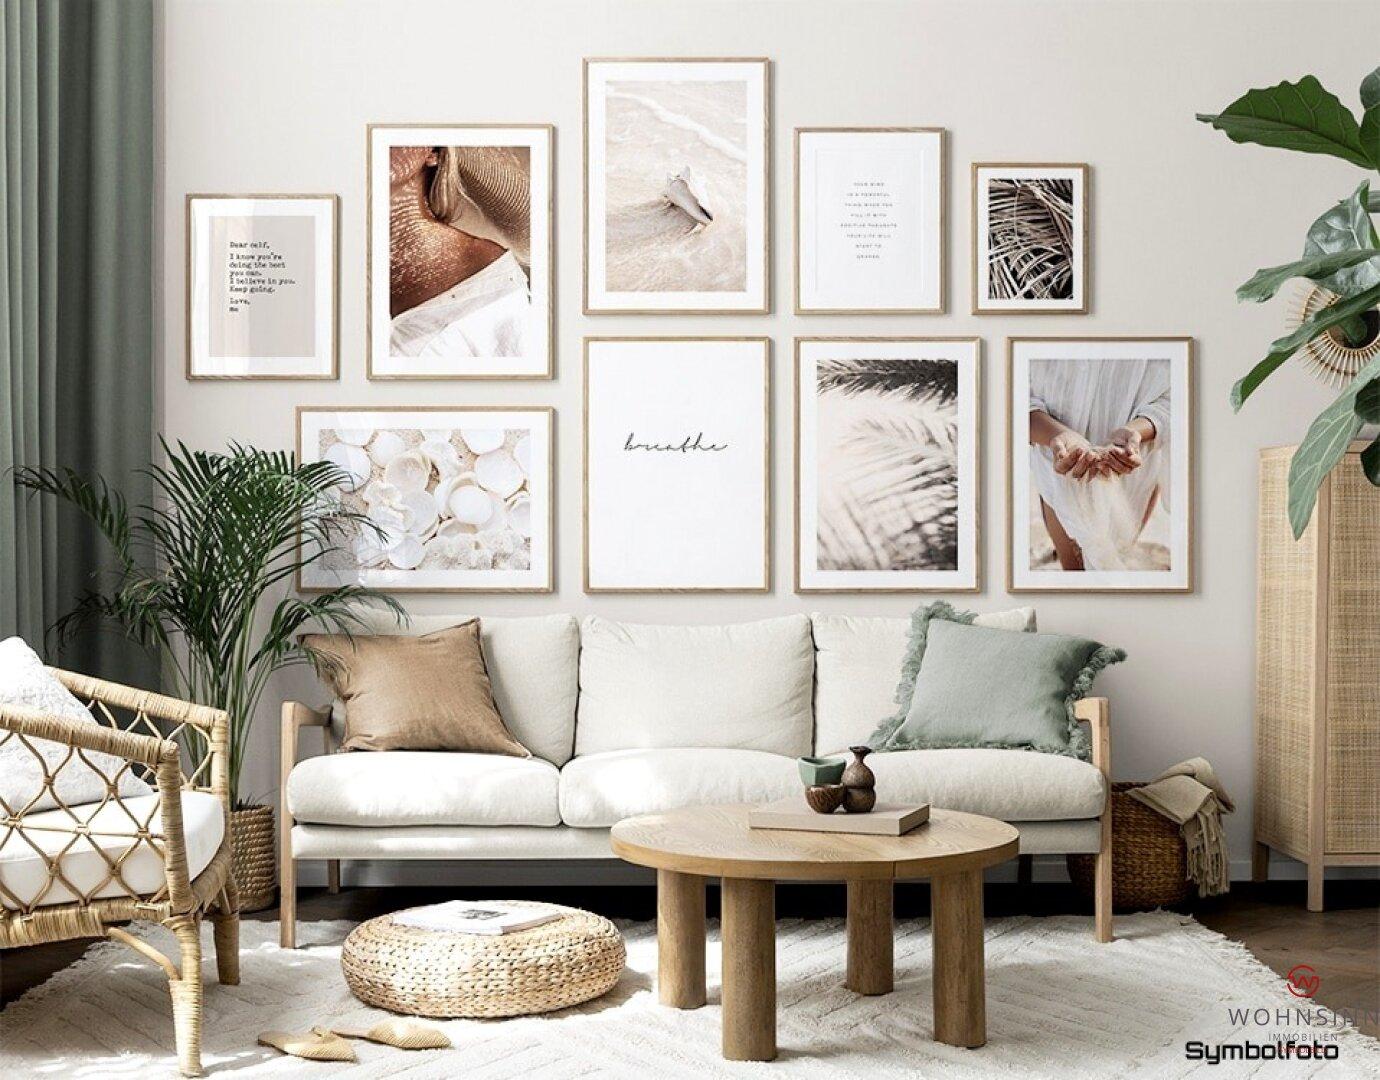 Symbolfoto Wohnzimmer